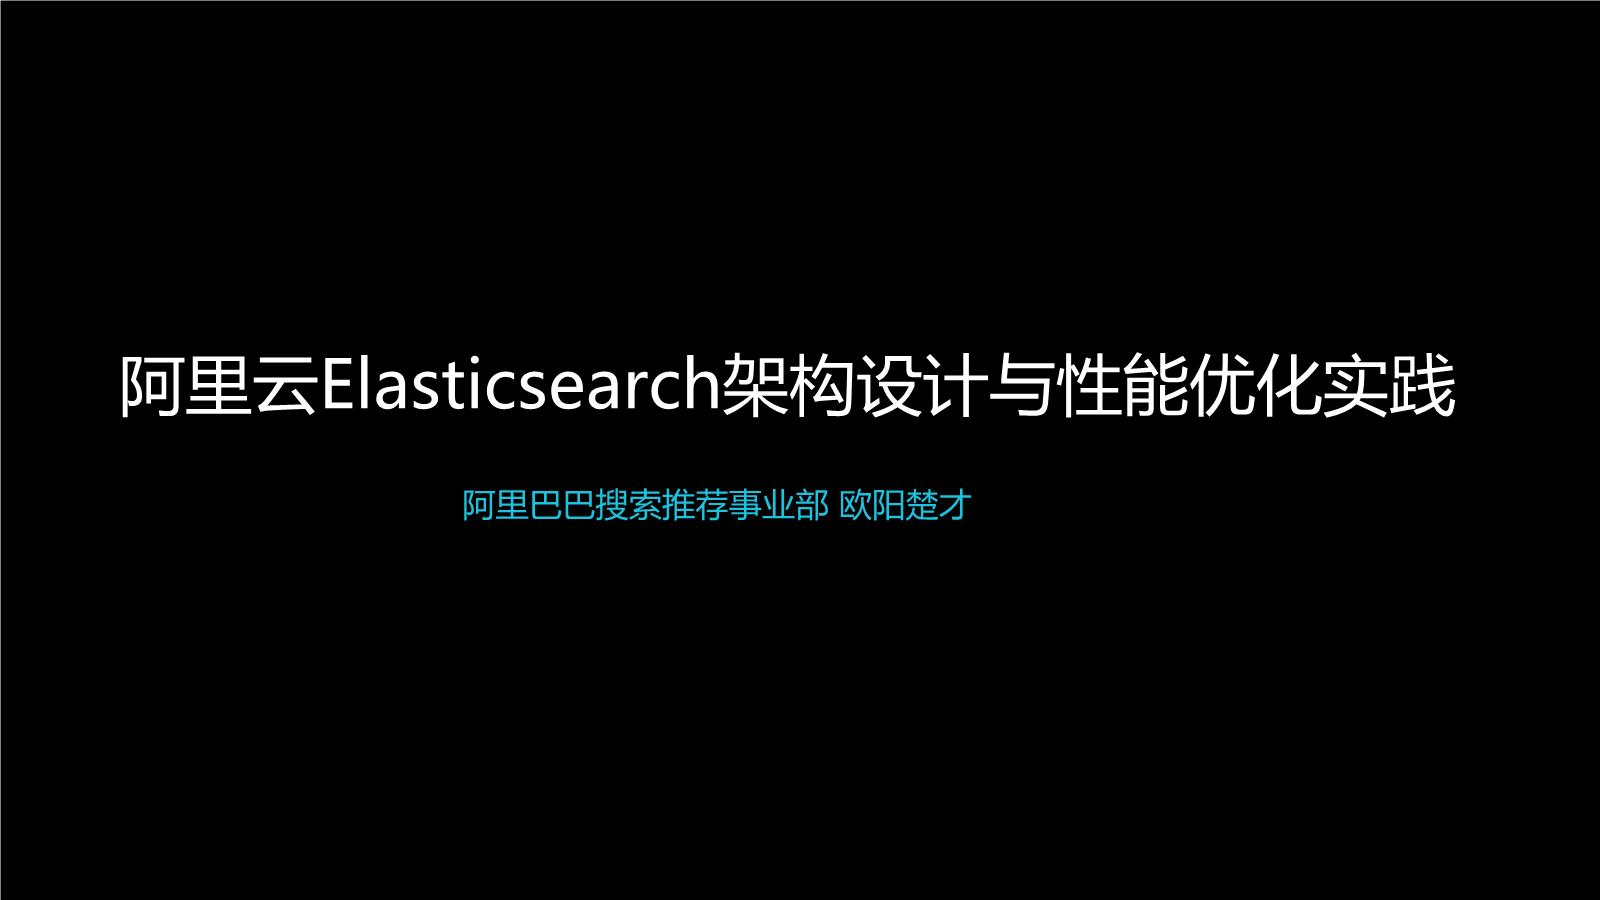 欧阳楚才-阿里云Elasticsearch架构解析与性能优化实践